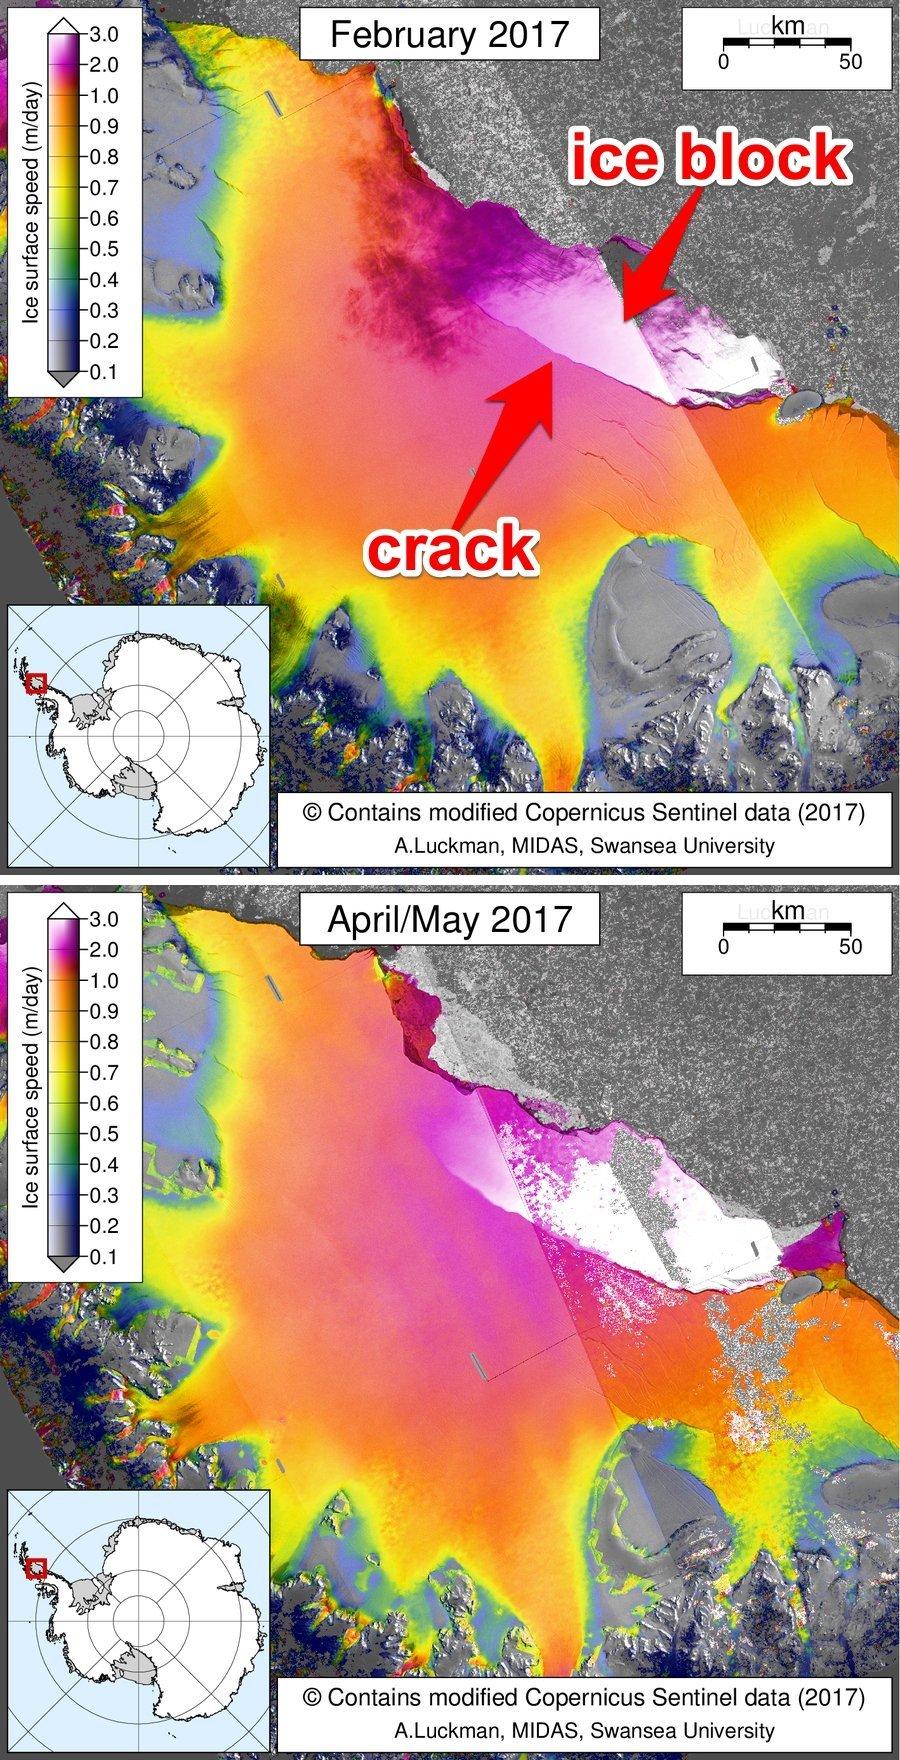 氷の表面の移動速度に応じてラーセンC棚氷の各部を色分けした図像